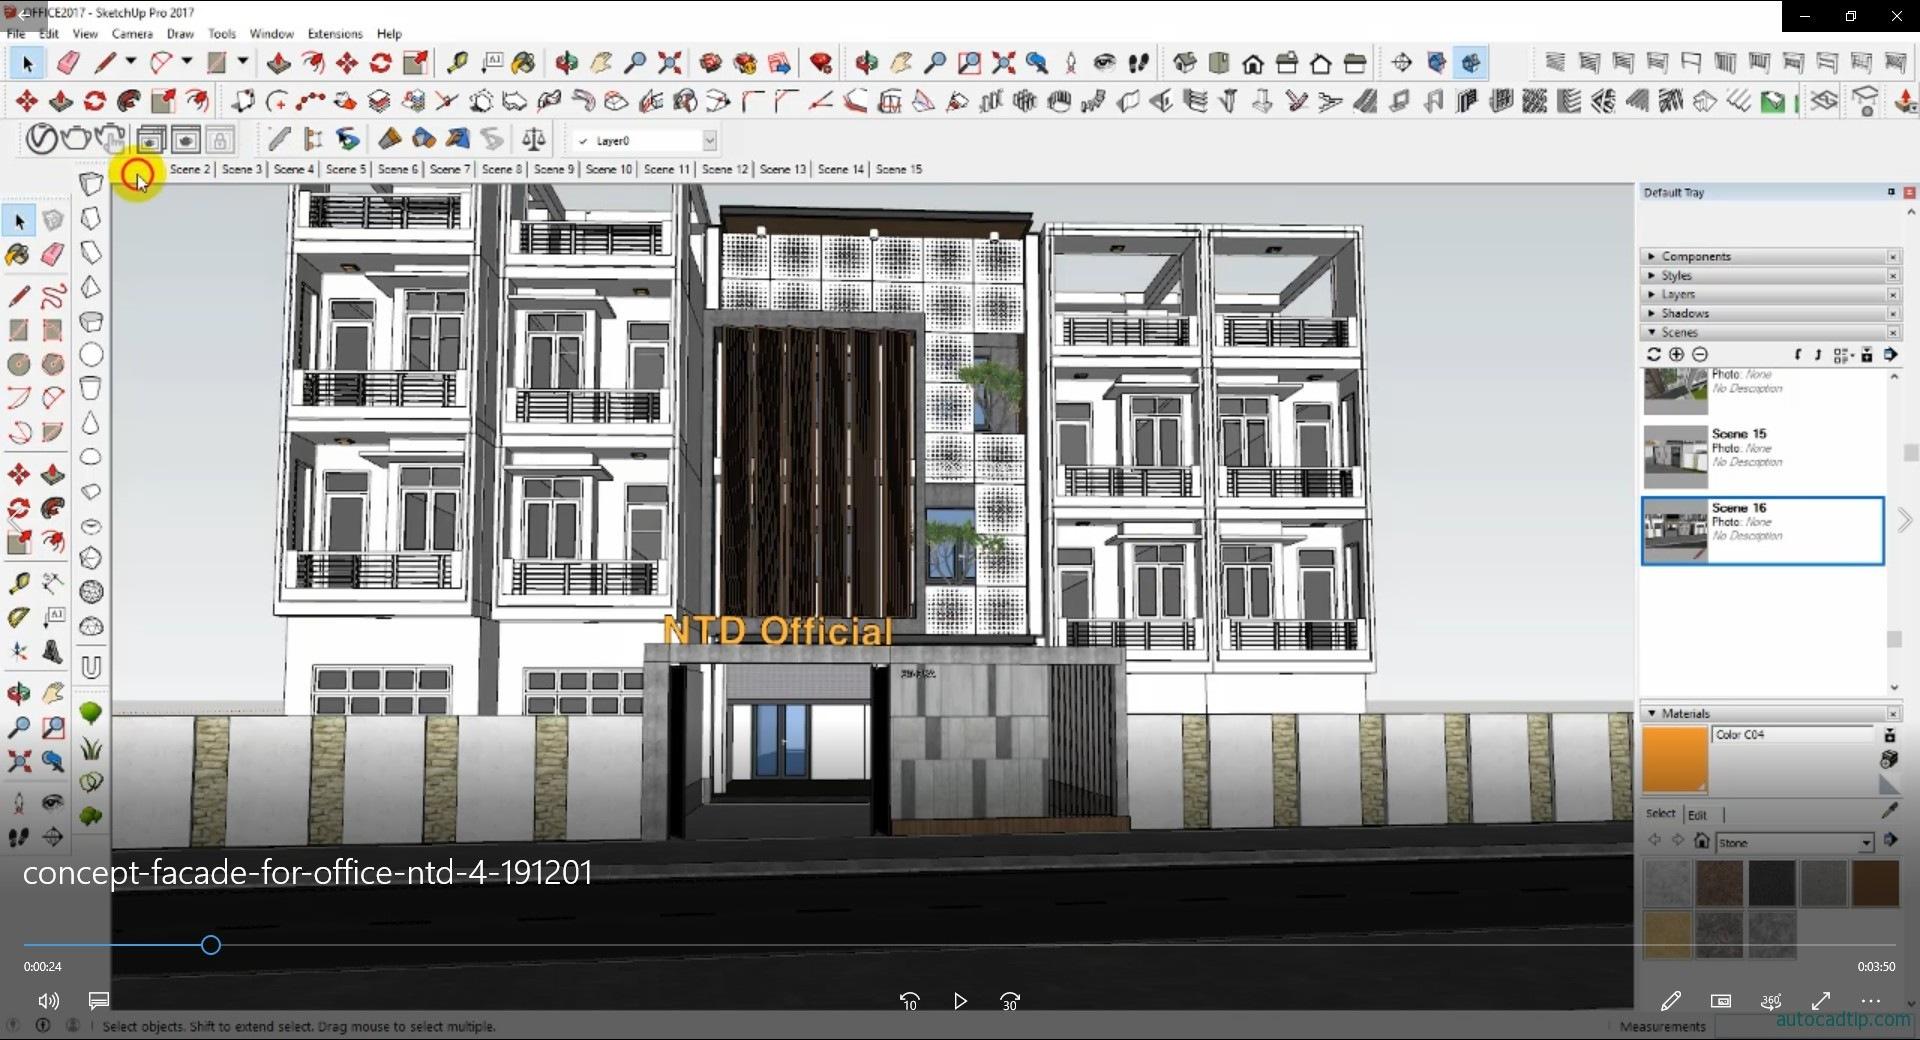 concept-facade-for-office-#4